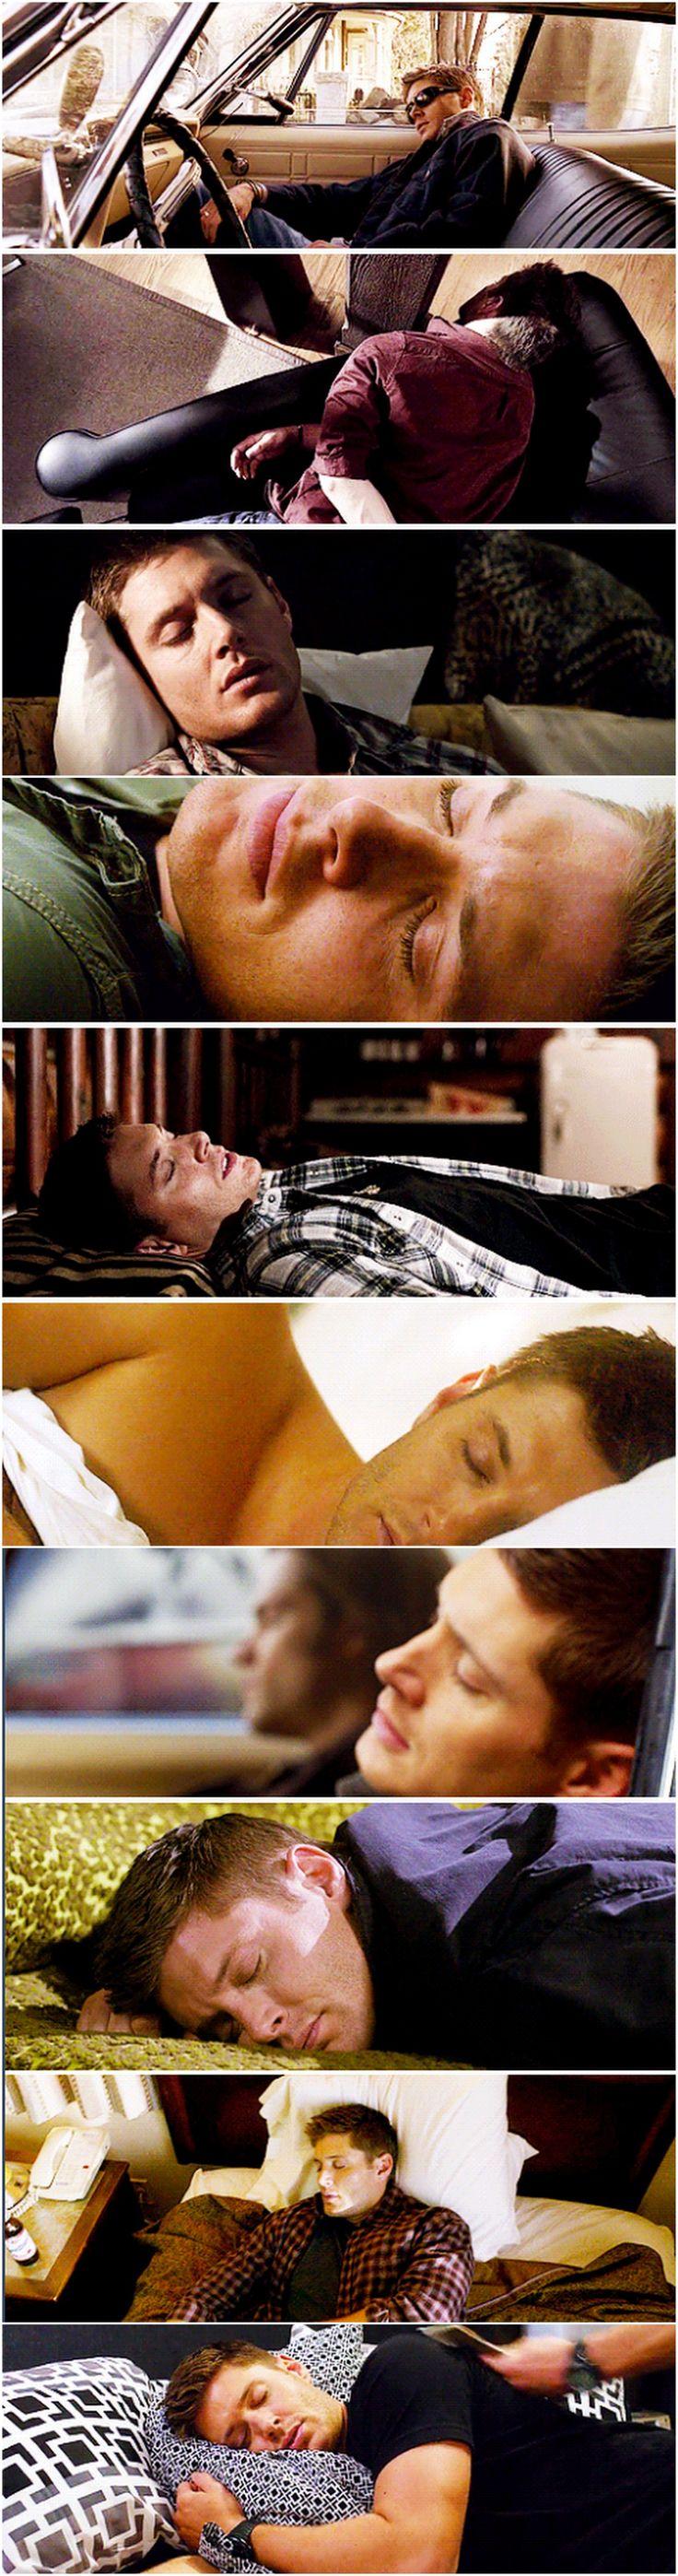 Sleepy Dean gifset *sigh*